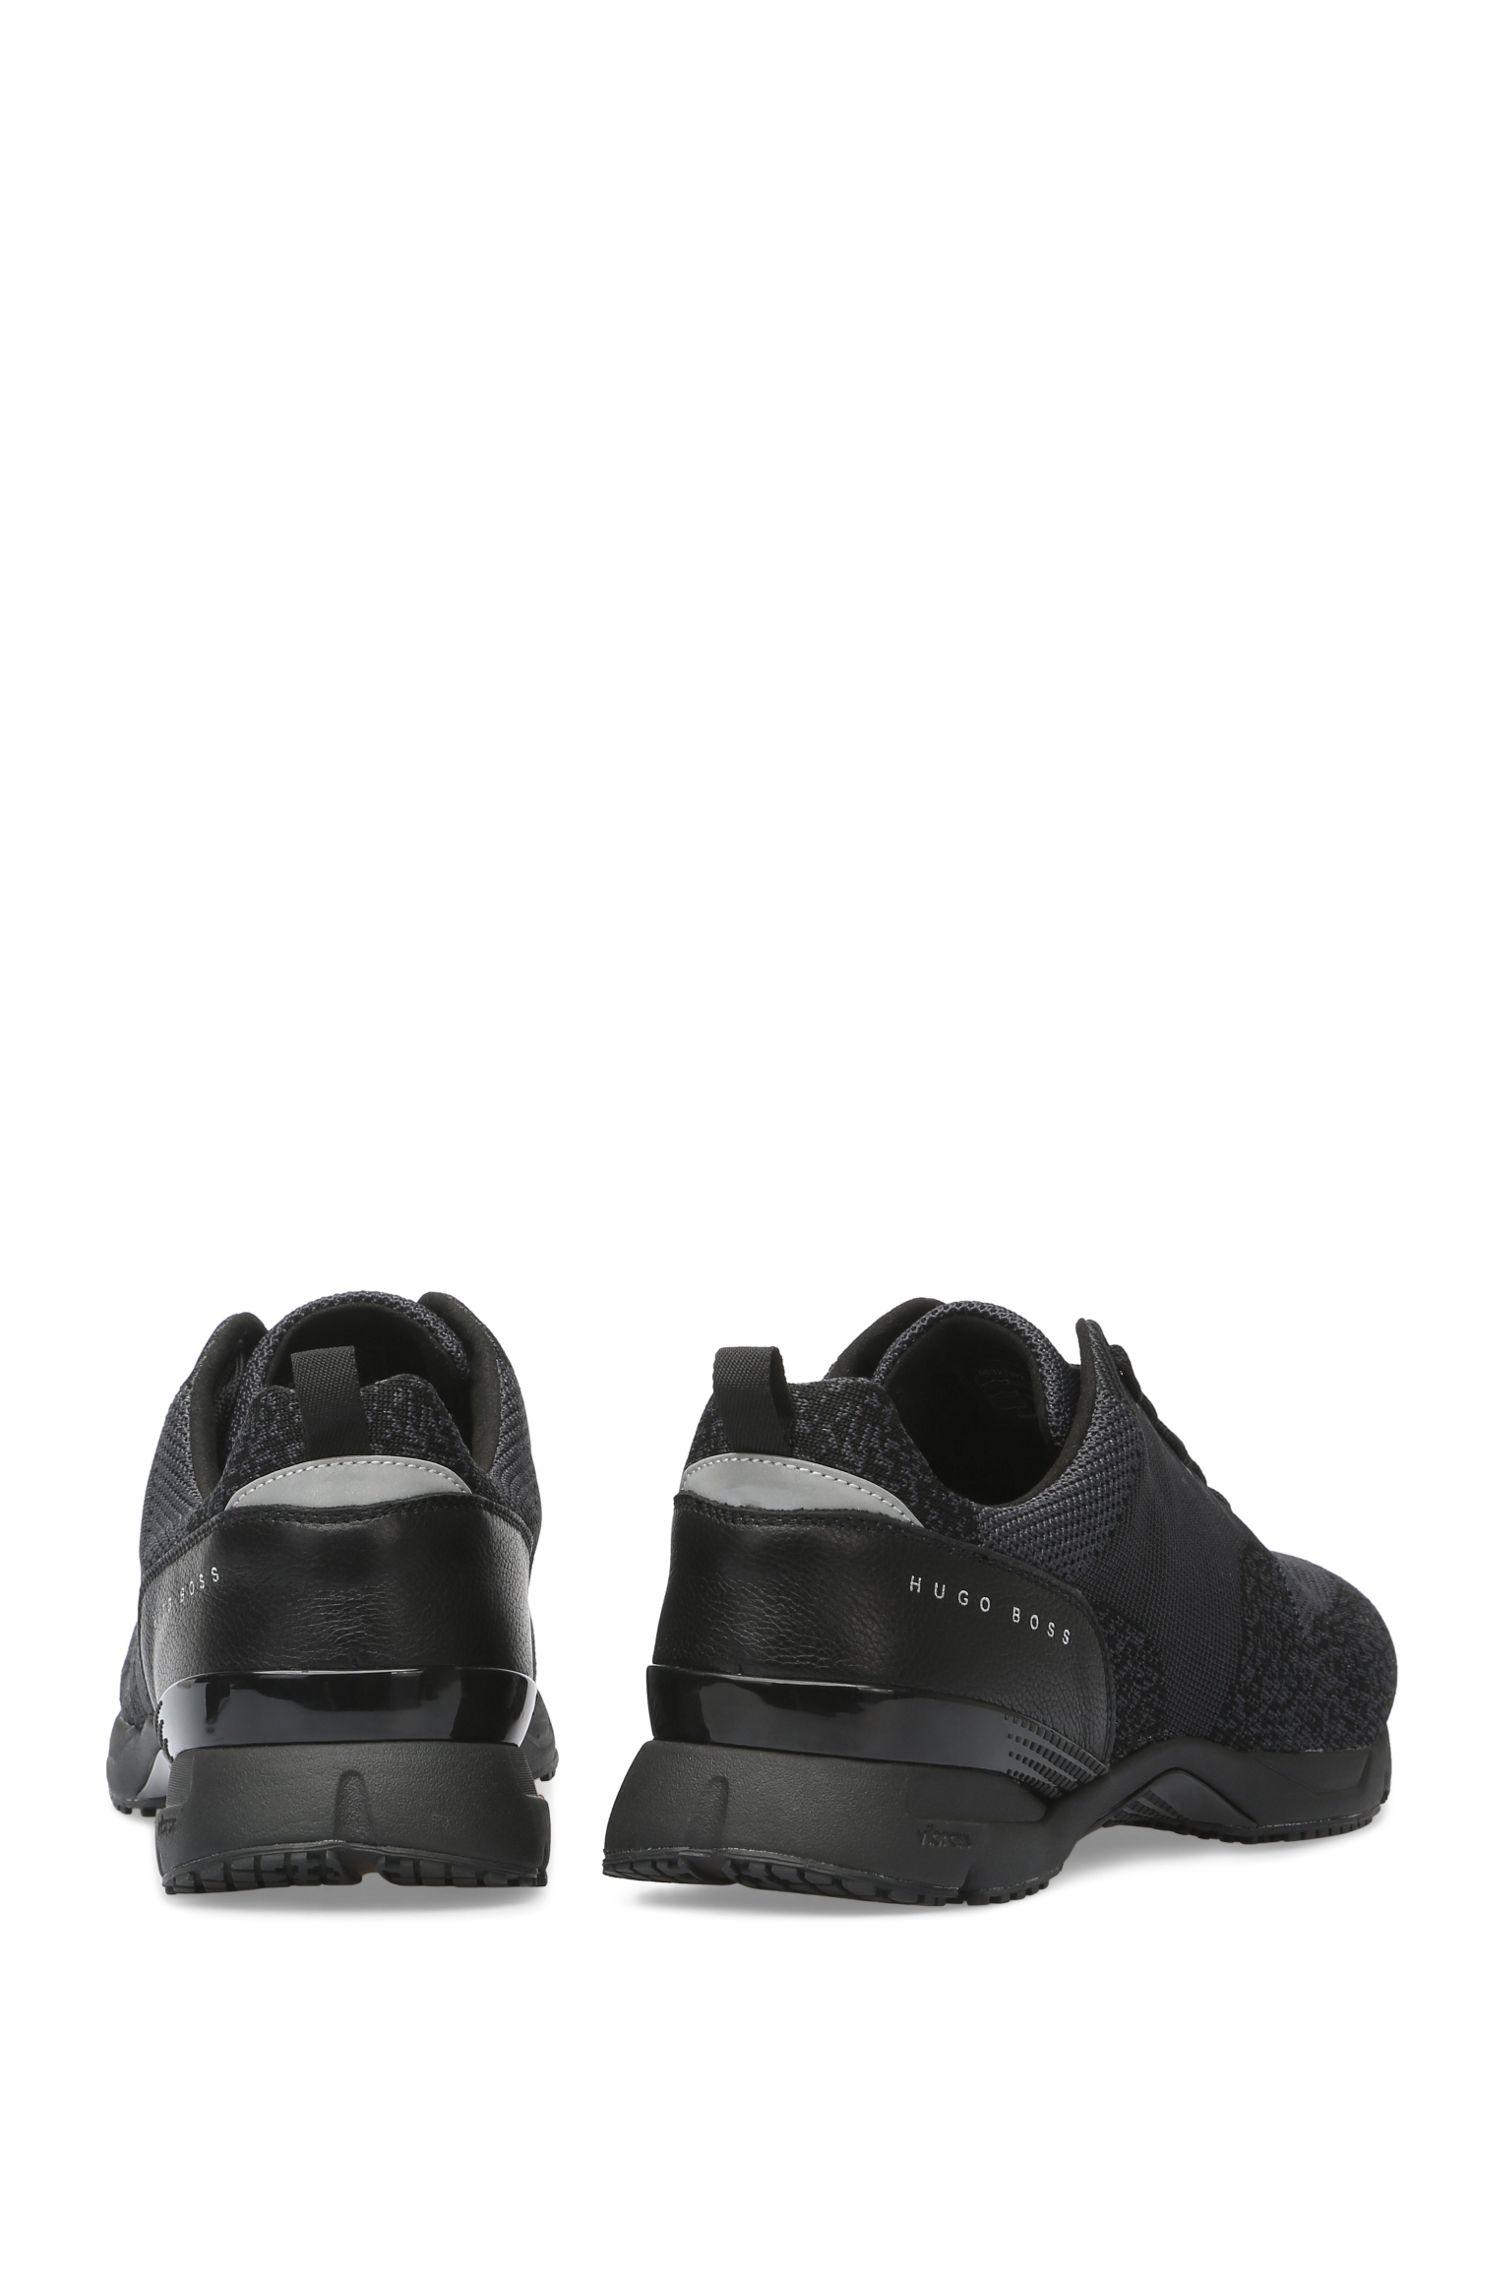 BOSS Hugo Boss Knit Upper Sneaker Velocity Runn Sykn 13 Black